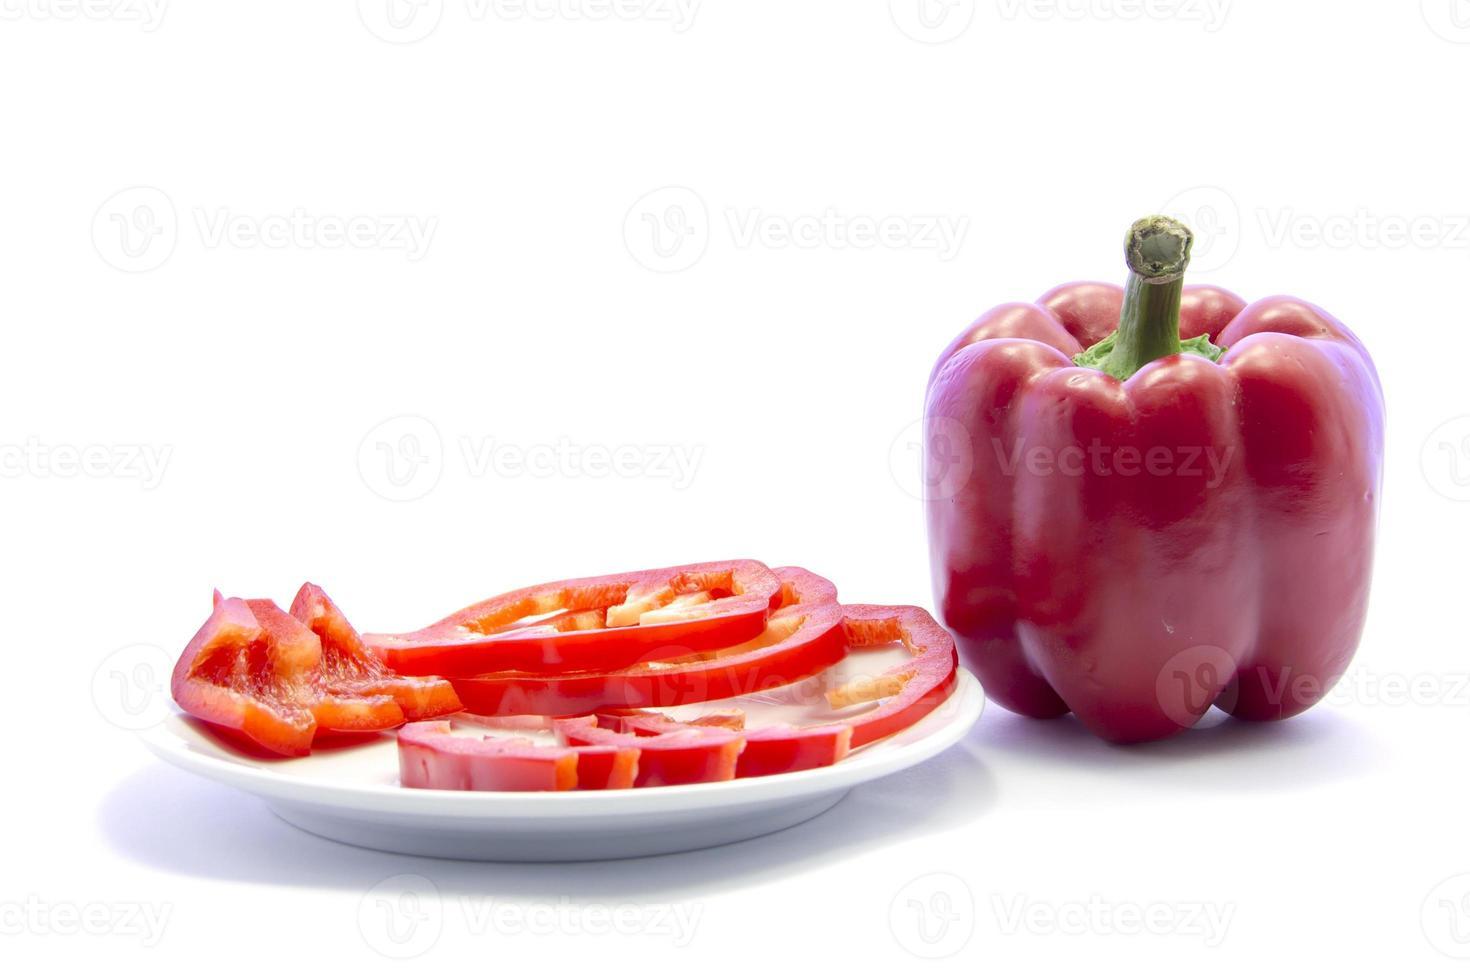 ingrediente de cozinha fatiado diferente de pimentão vermelho sino com companheiro cru foto